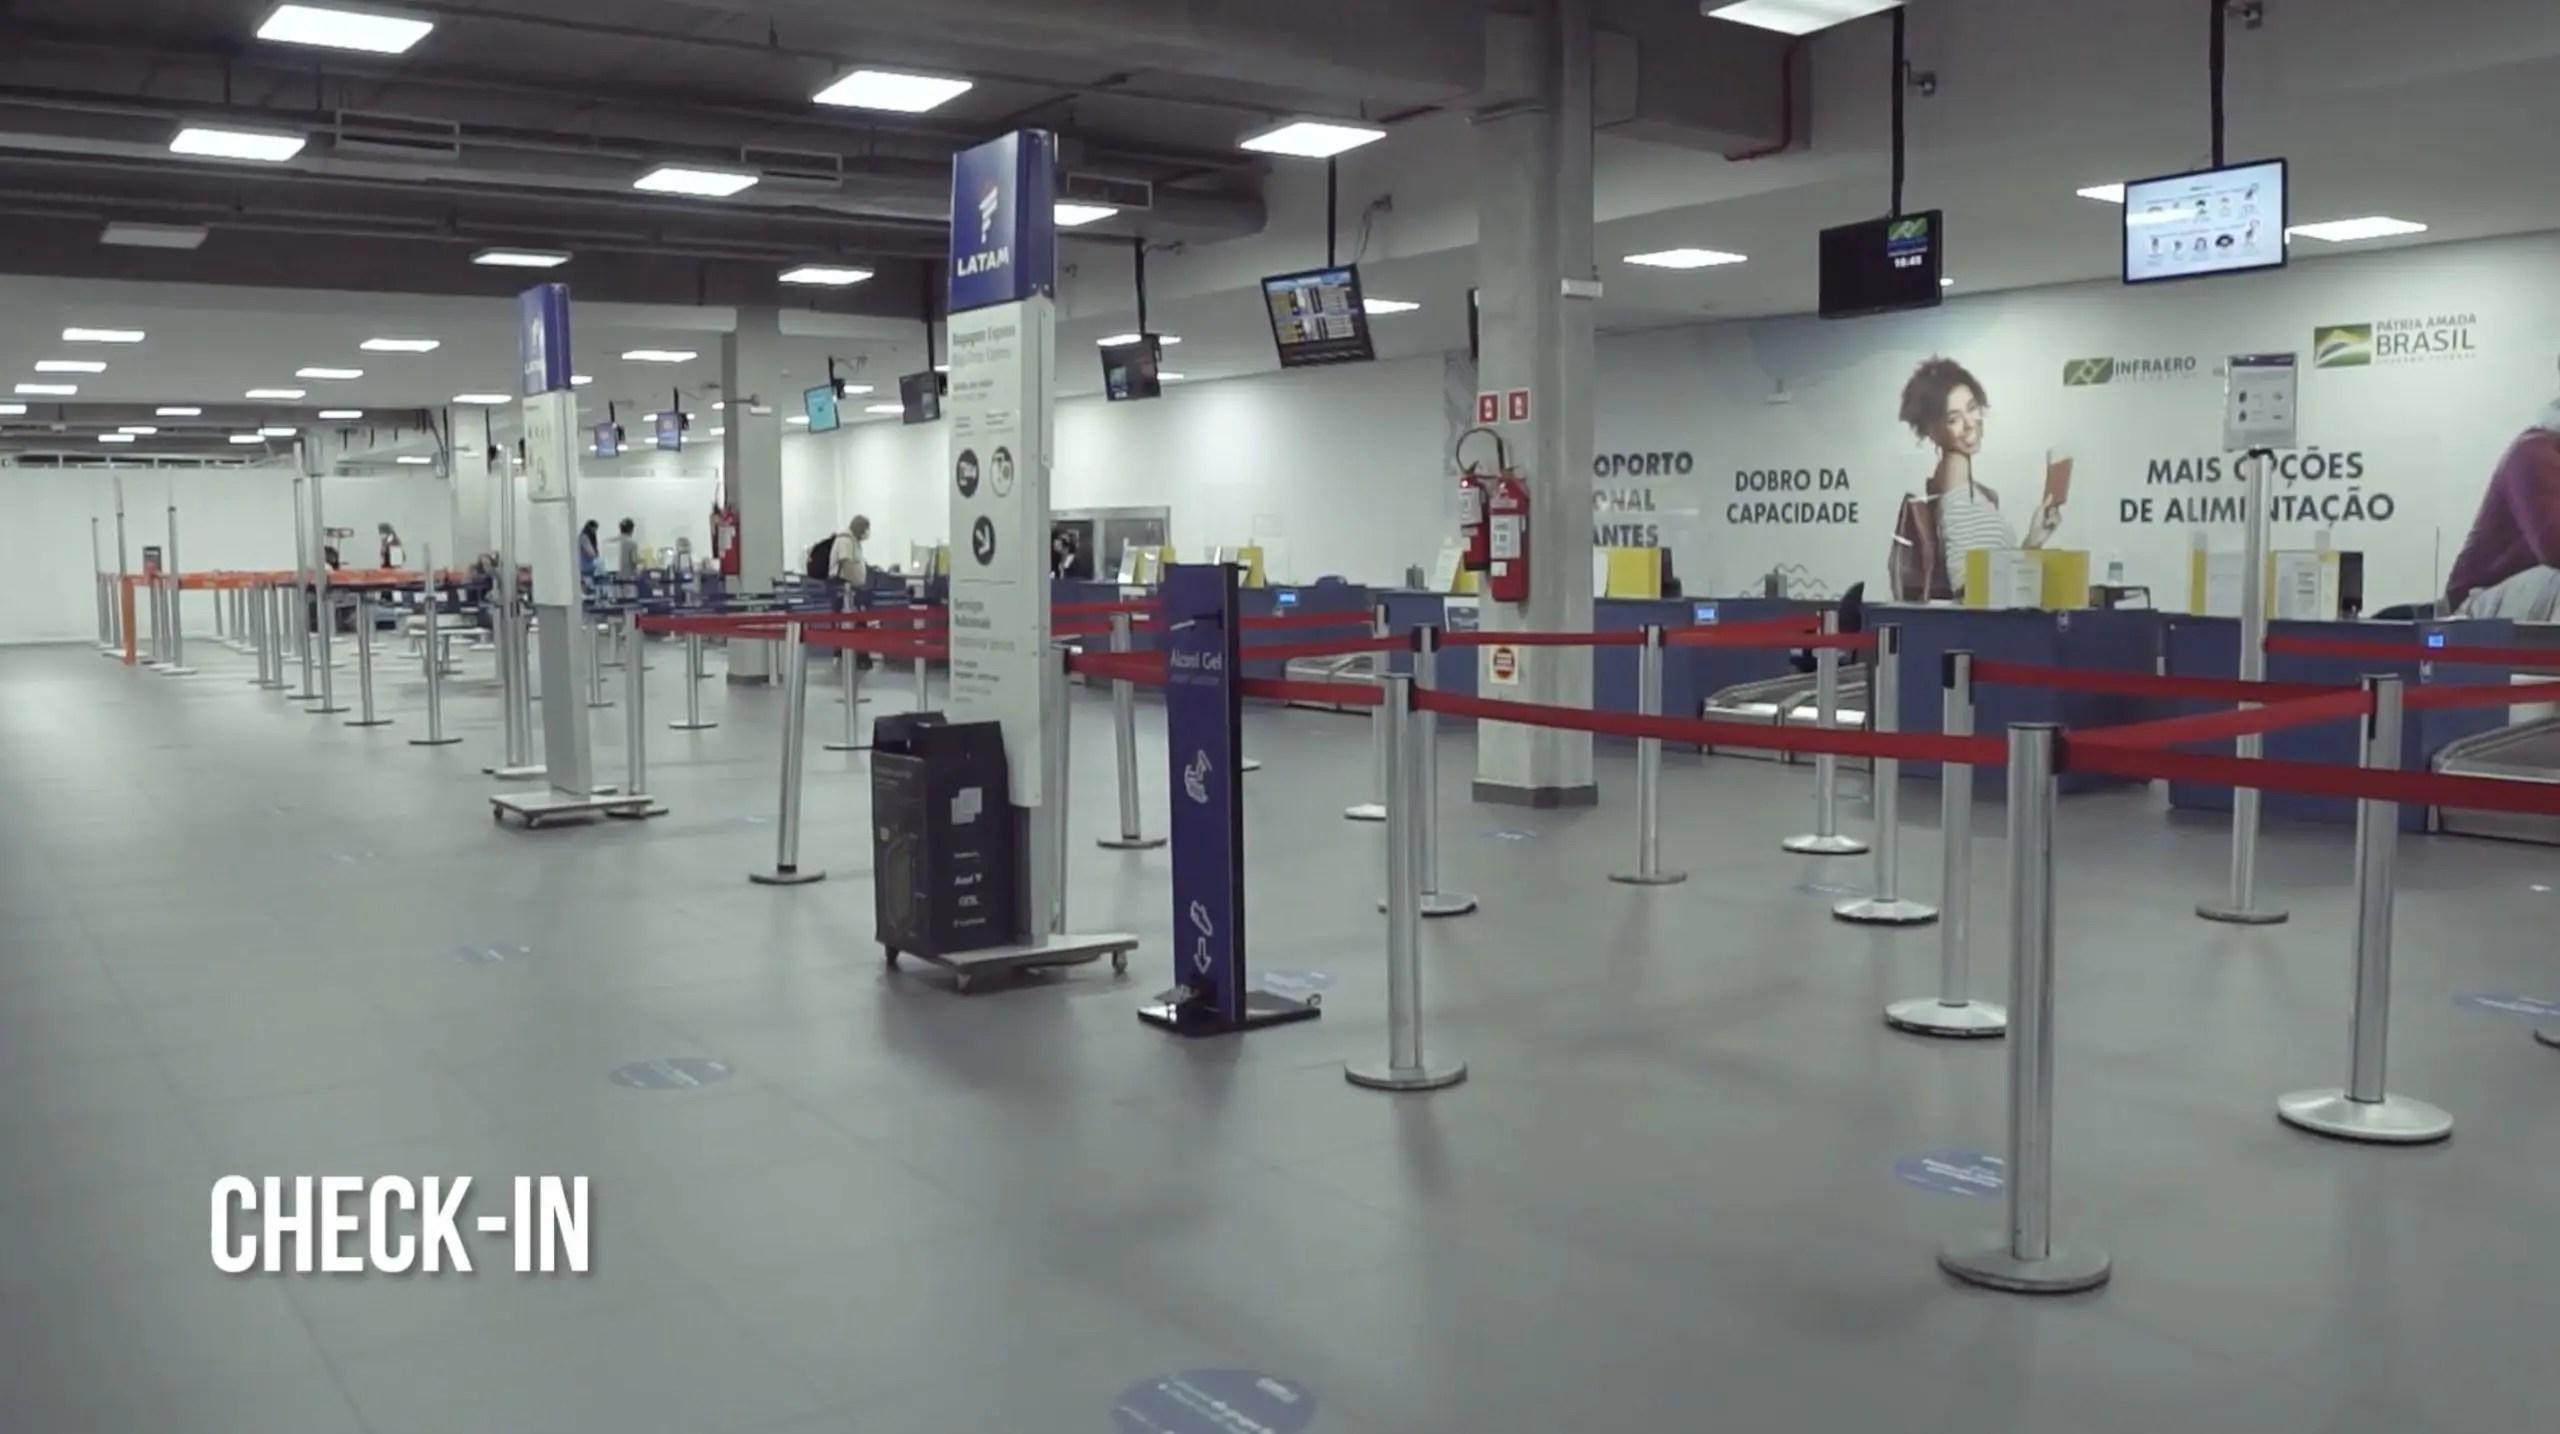 Aeroporto Navegantes terminal passageiros